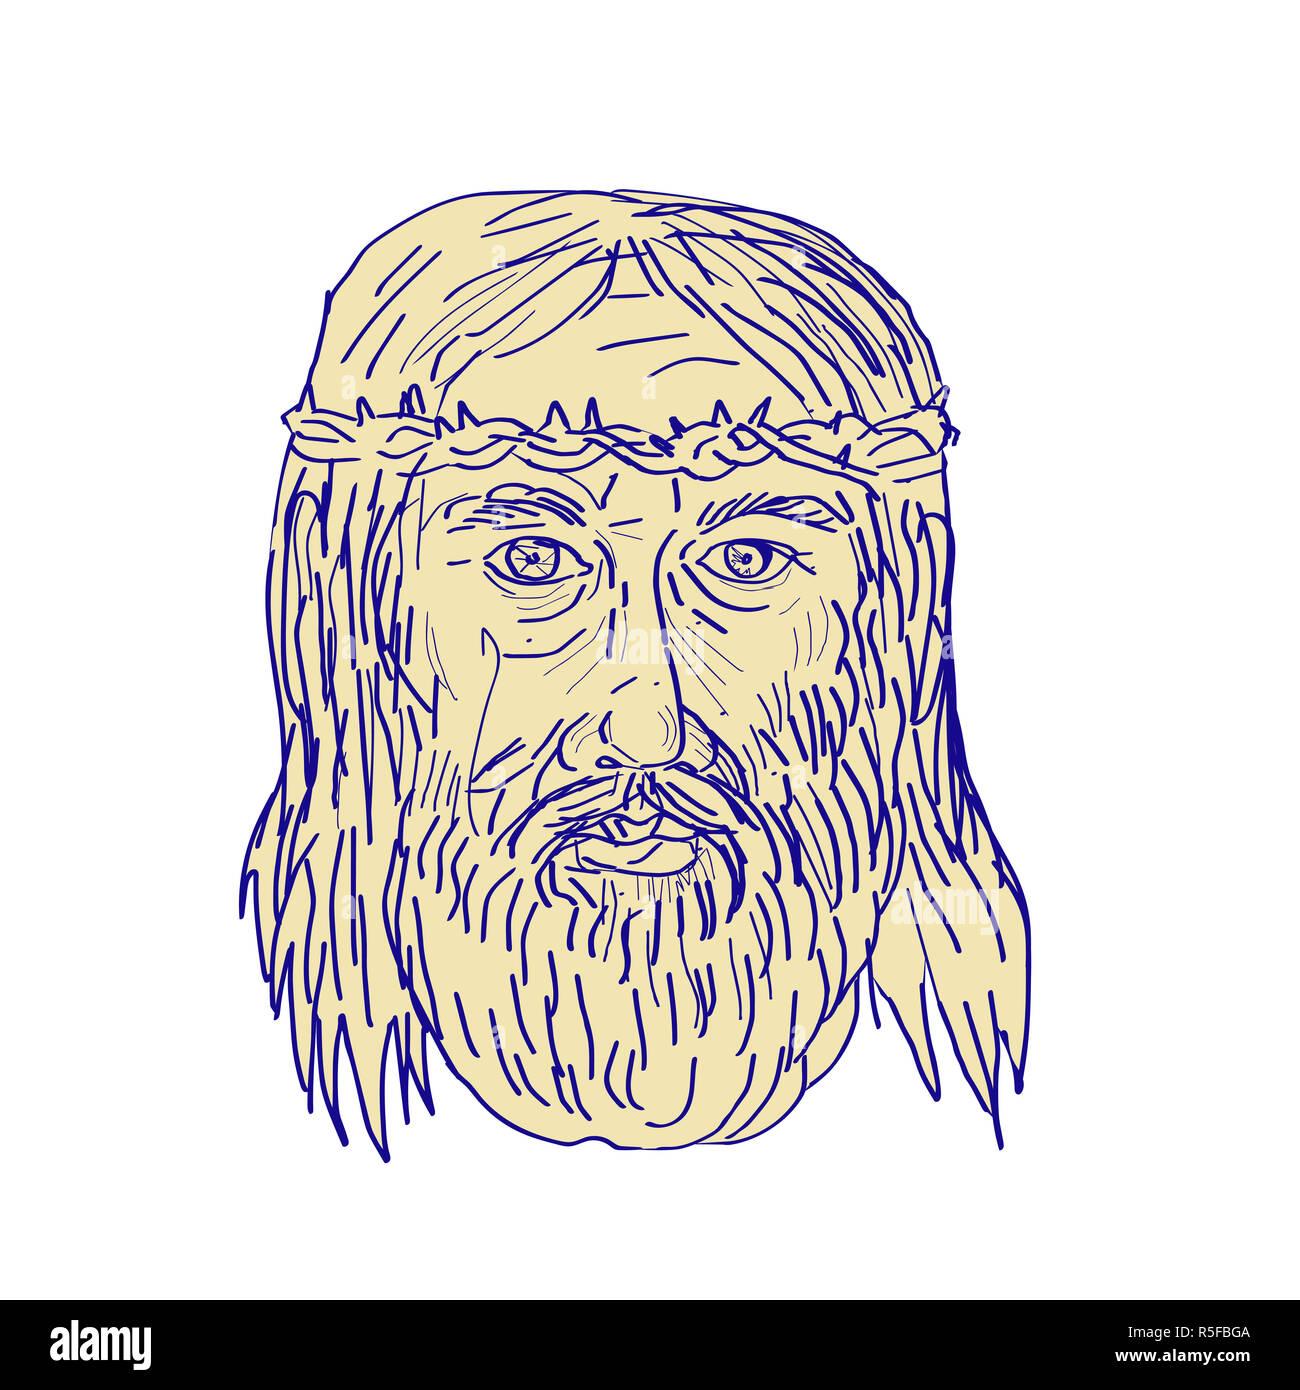 El Rostro De Jesús Corona De Espinas Dibujo Foto Imagen De Stock